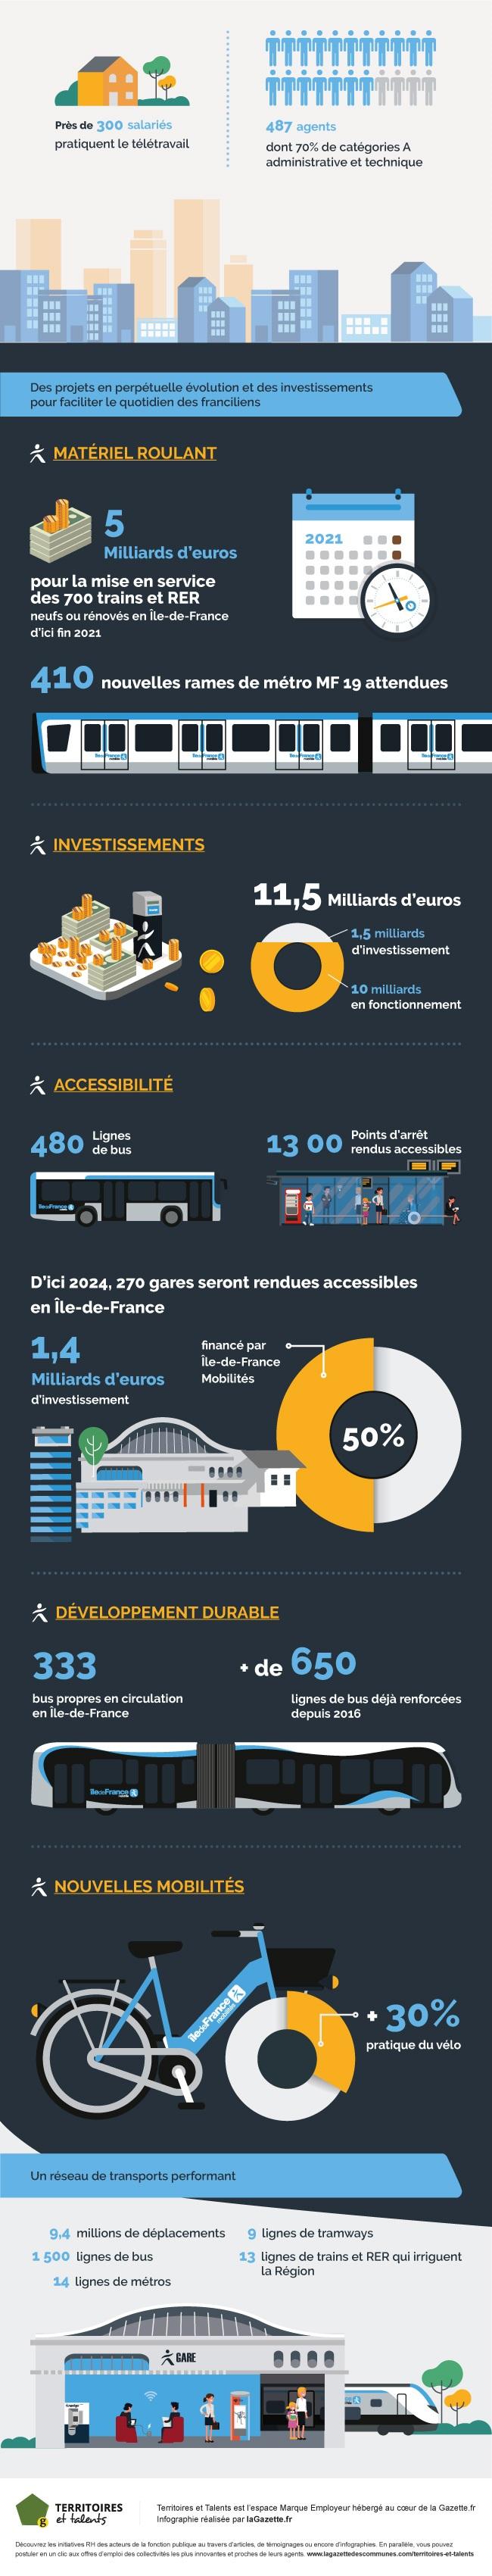 Infographie_Ile_de_France_Mobilite_Doc_2